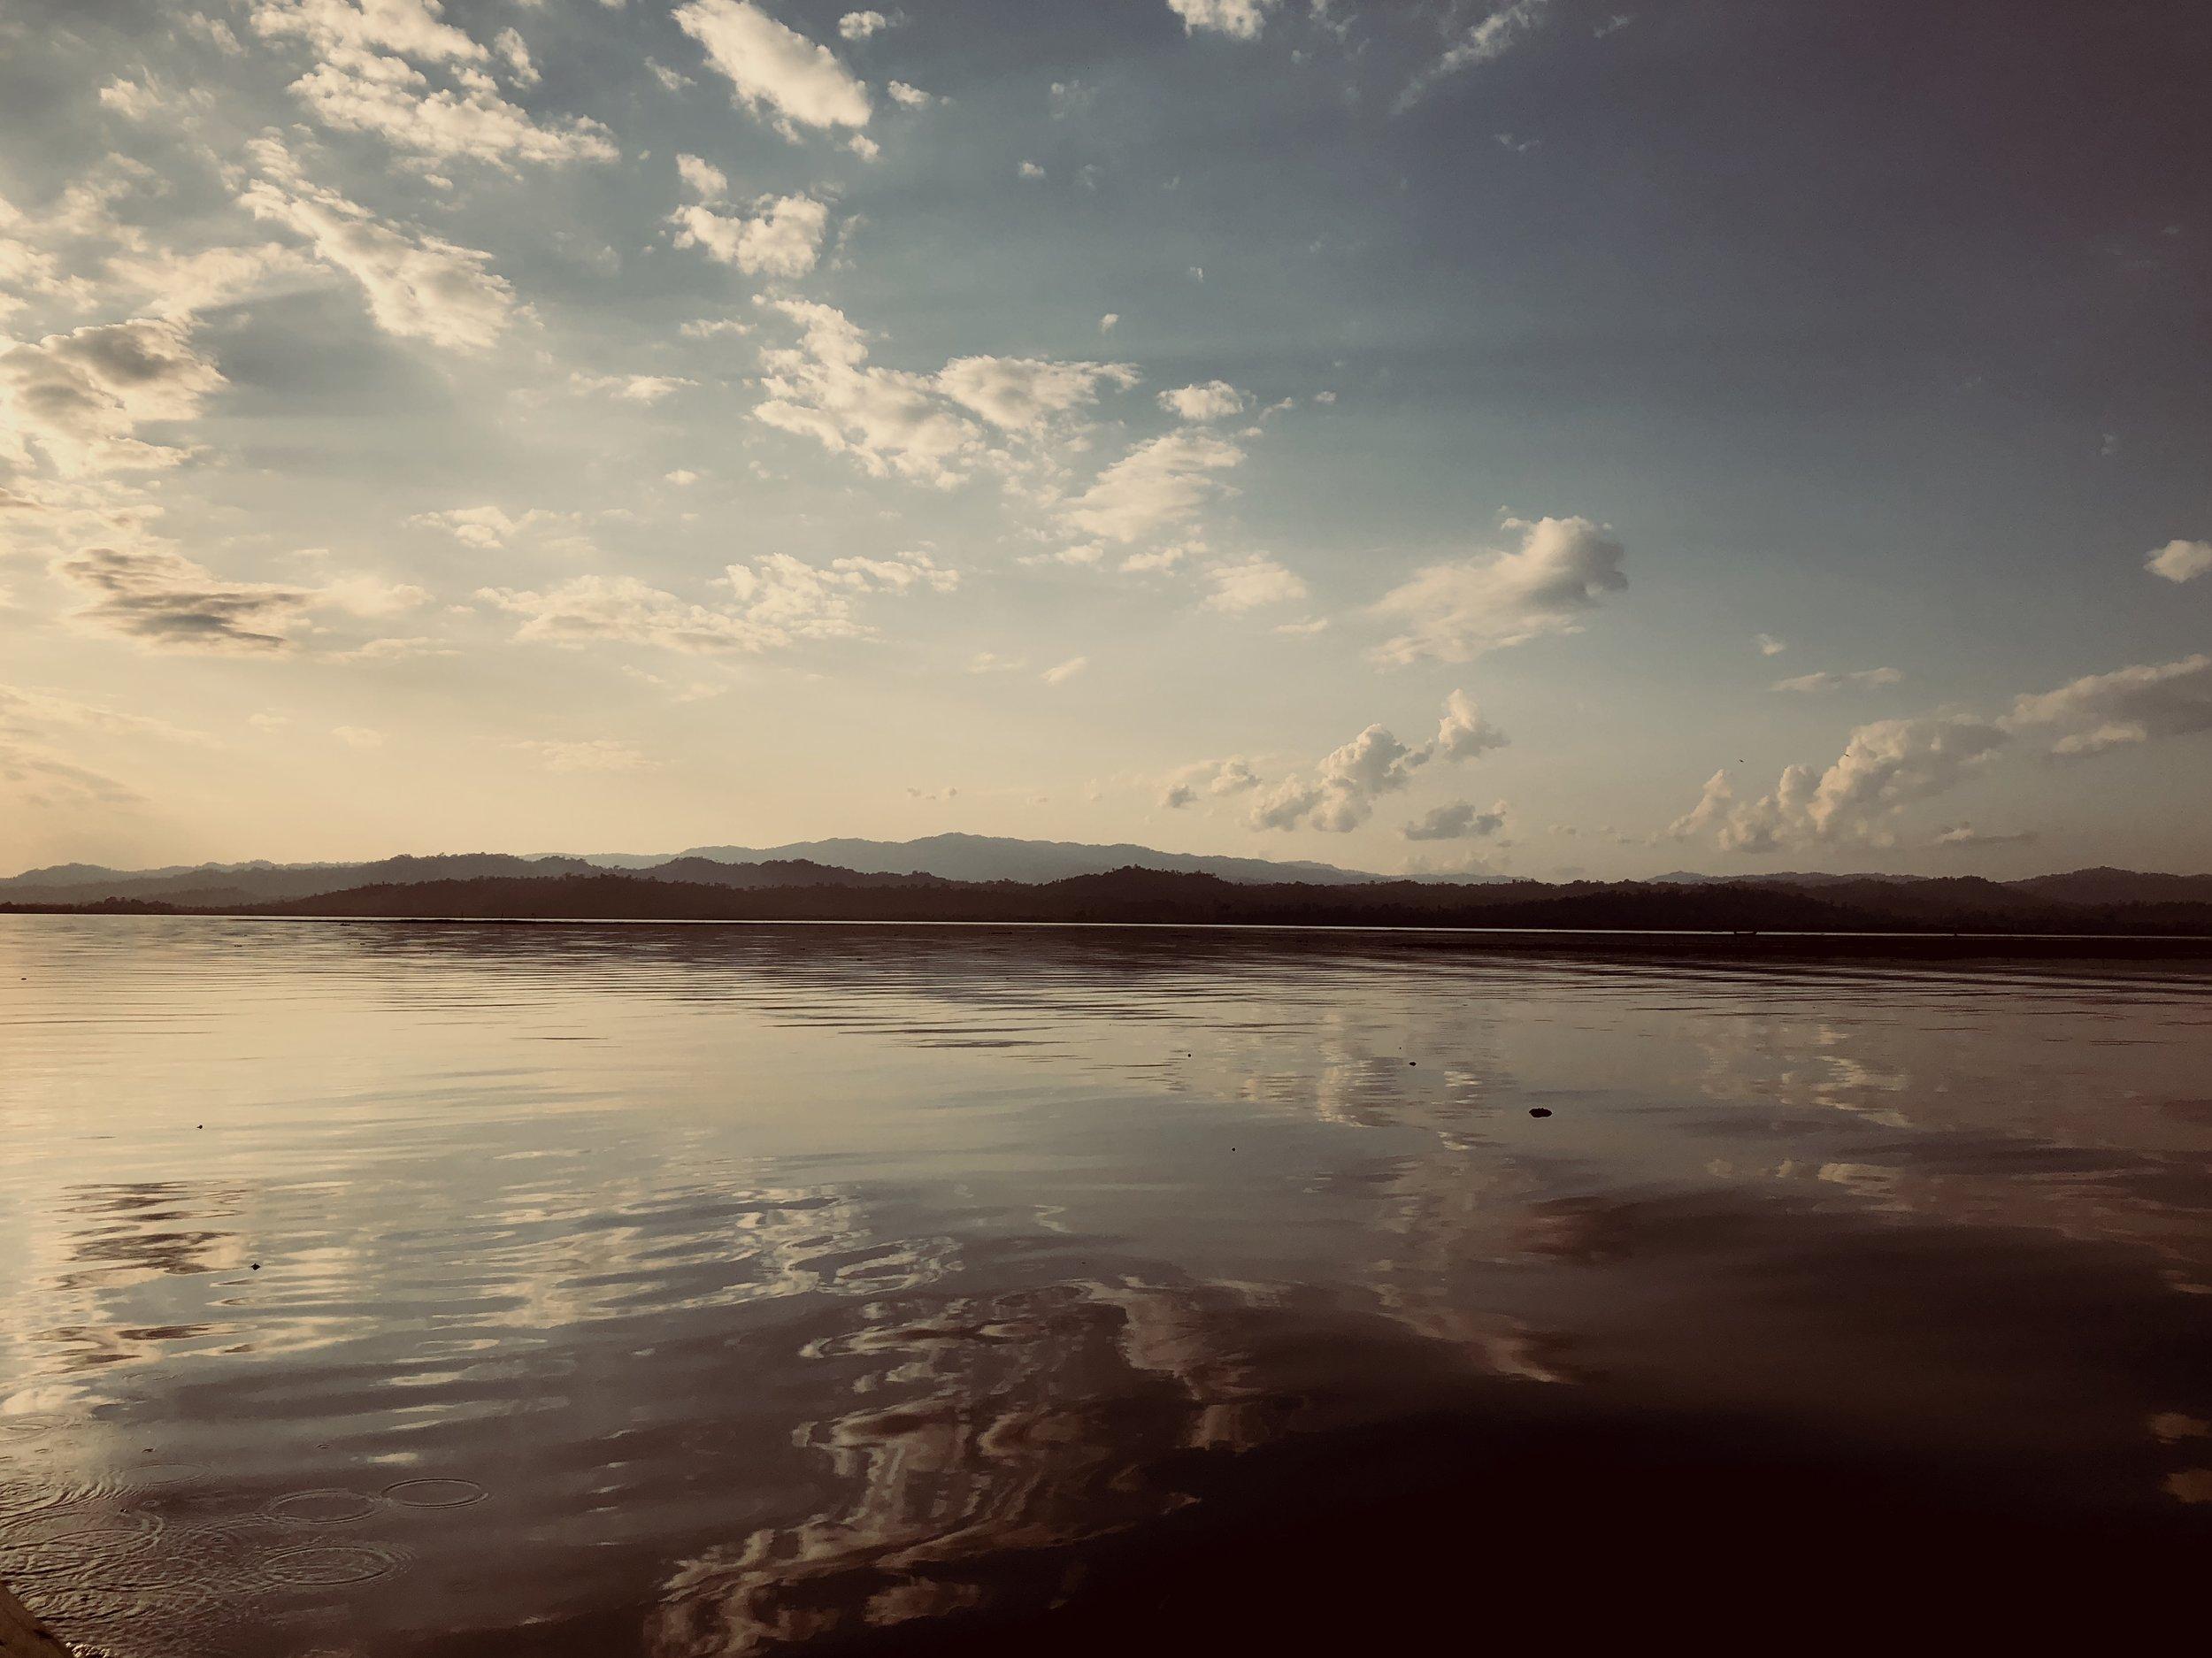 The beautiful Lake Indawgyi